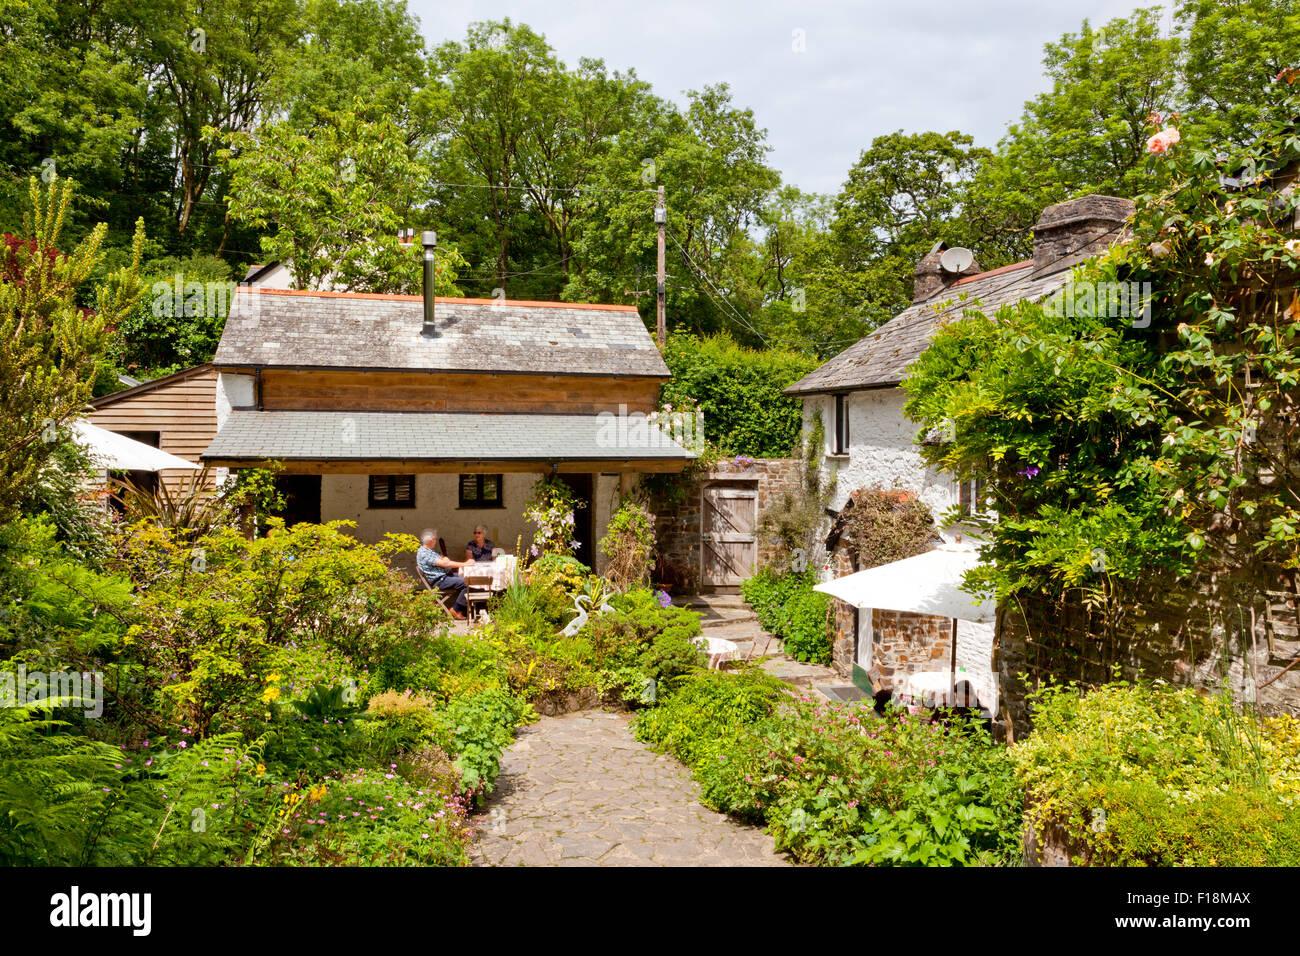 Tea Rooms And Garden Stock Photos Amp Tea Rooms And Garden